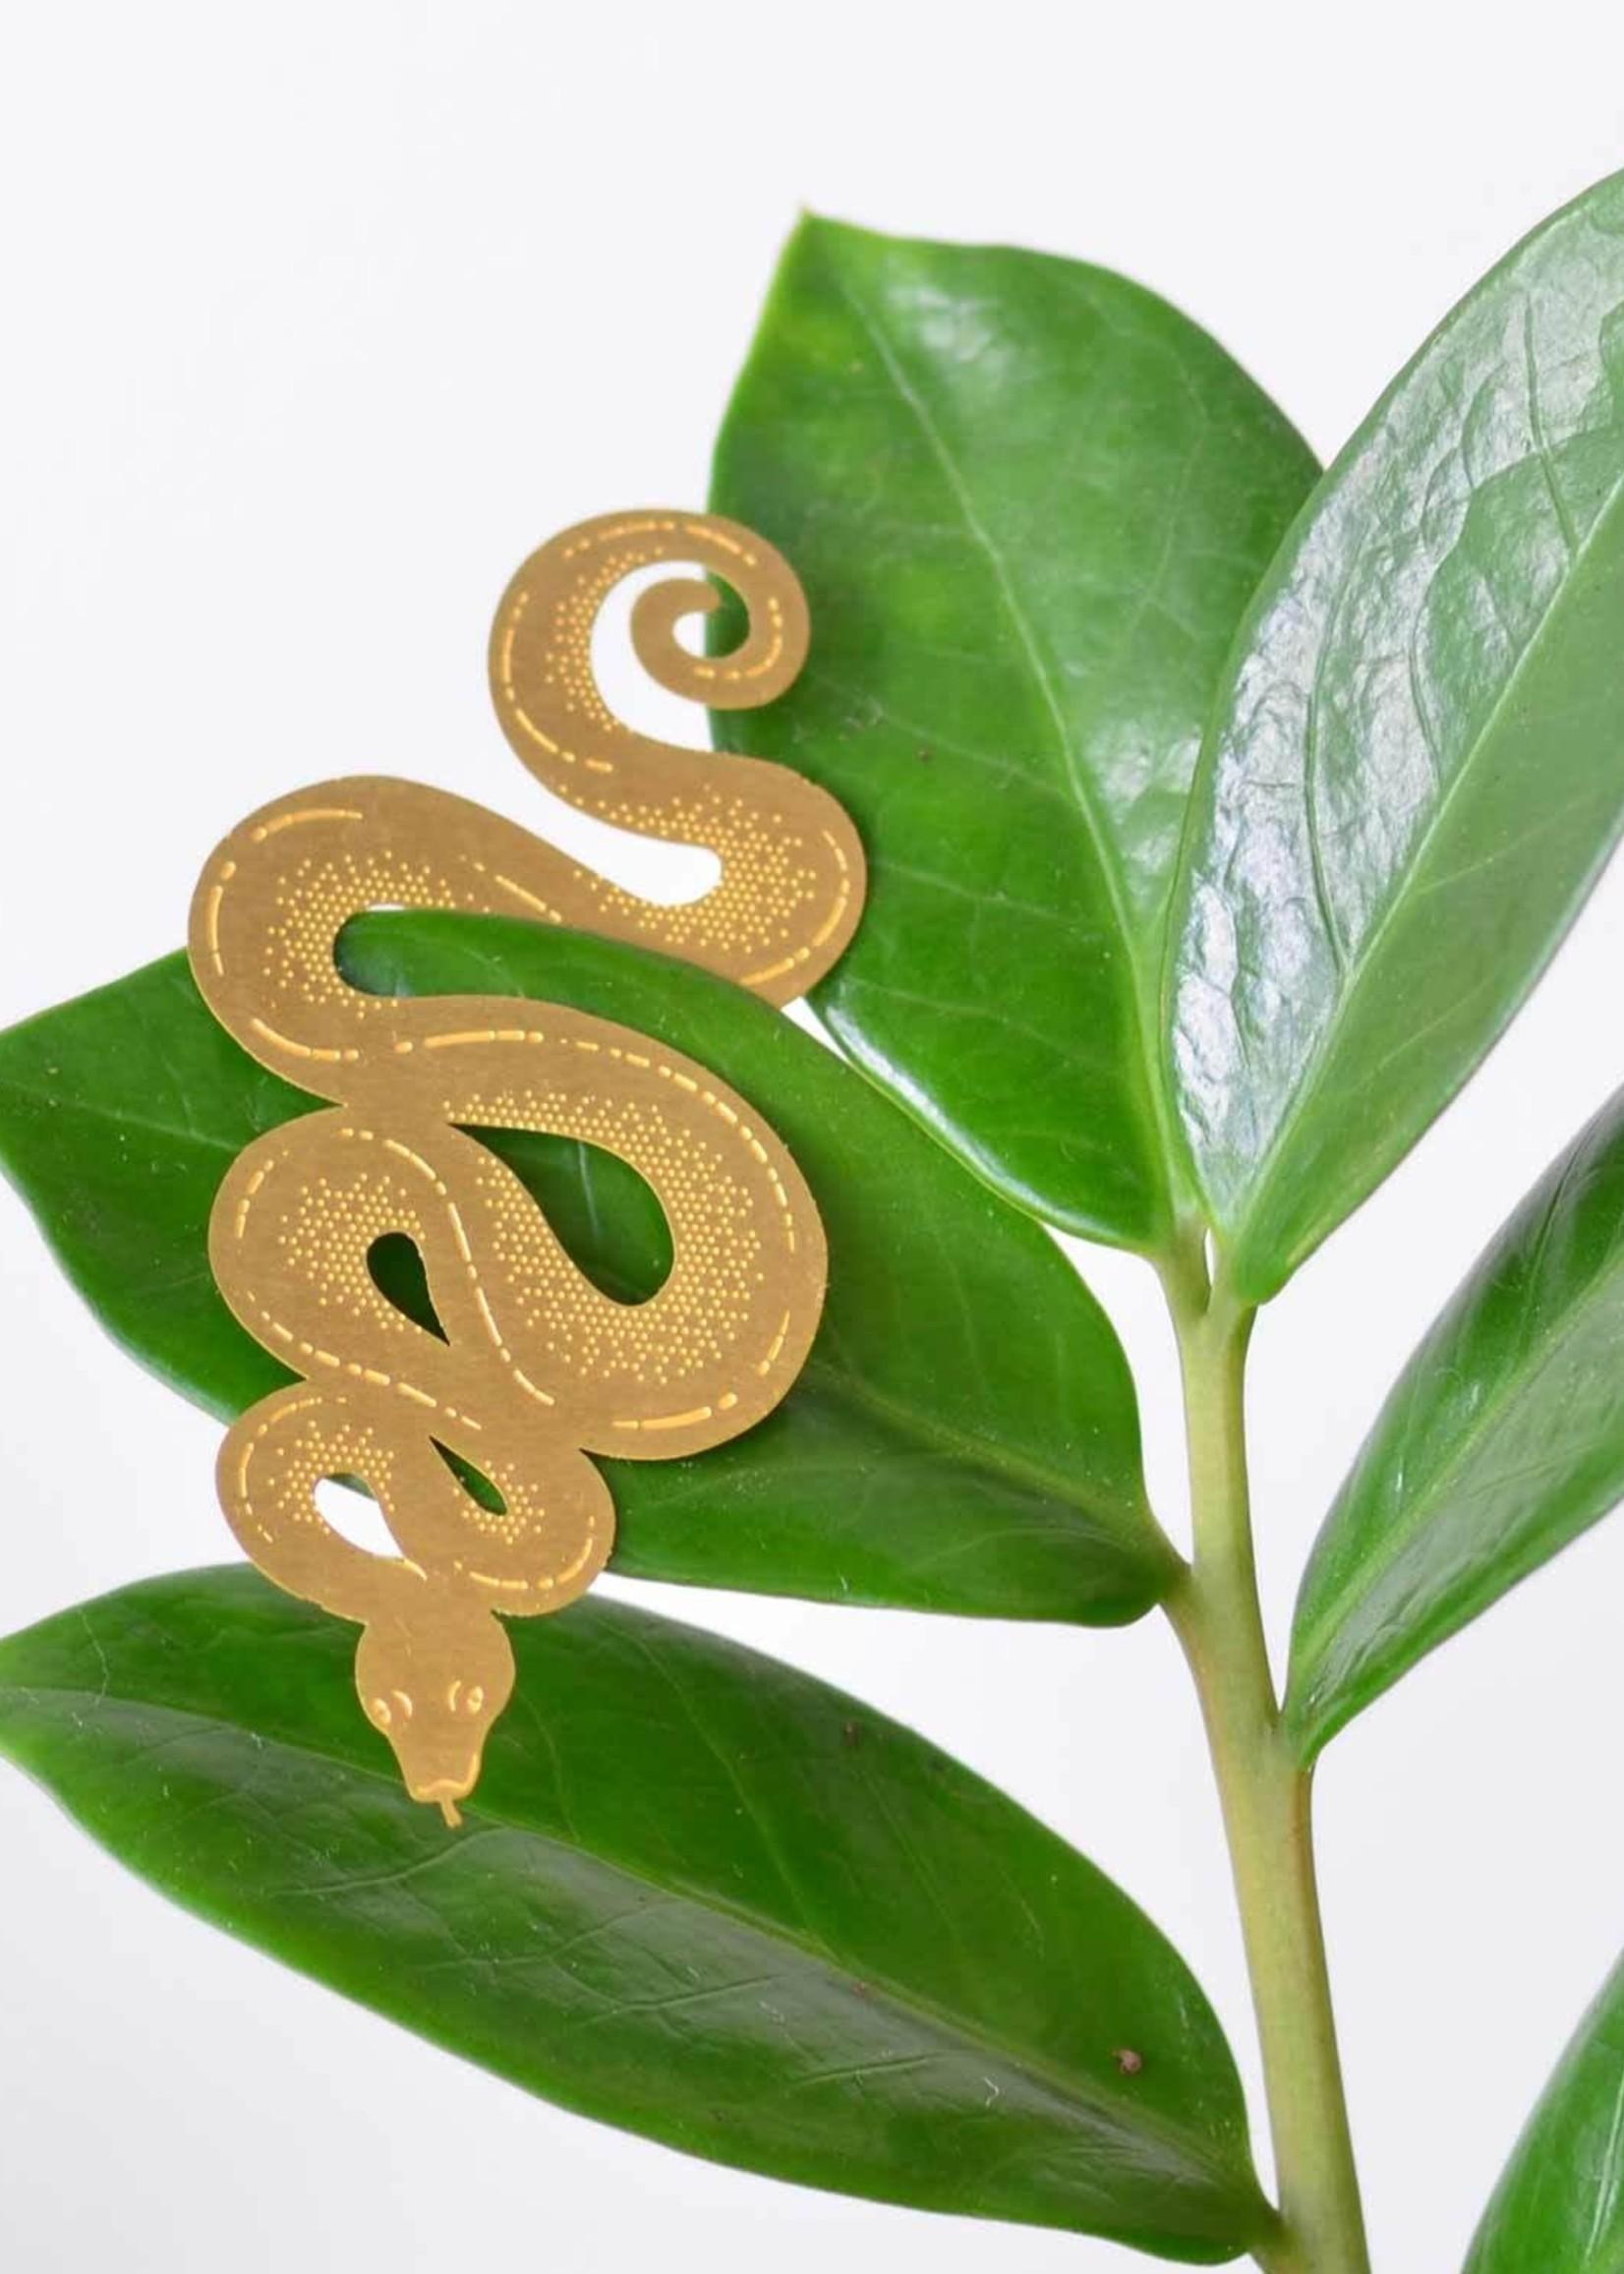 A.S Plant Animal SLANG snake